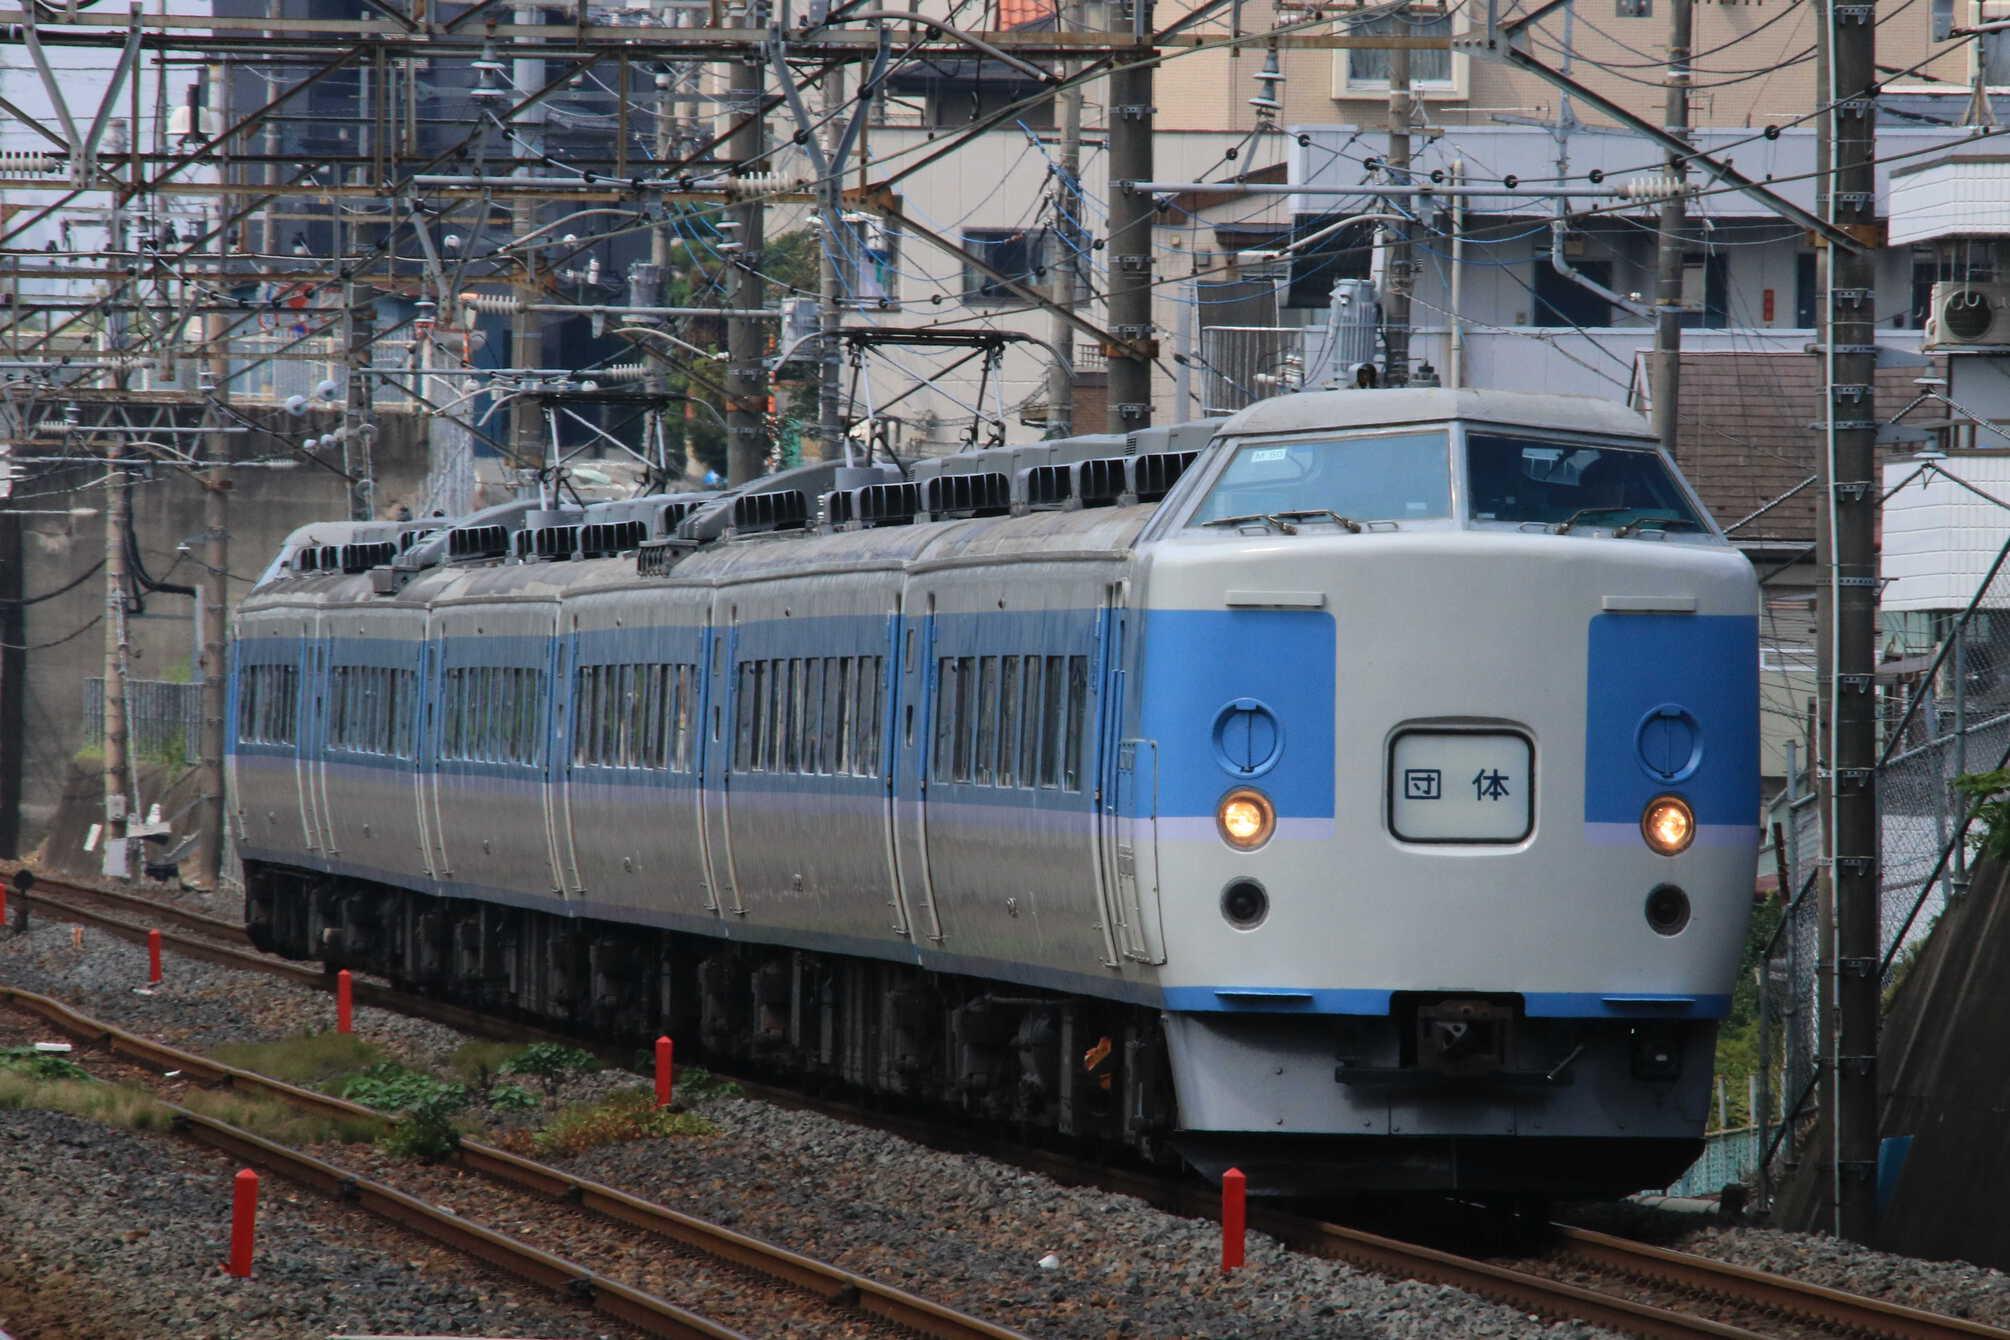 9731M 団臨(西801, 高尾→東京(舞浜)) 189系 八トタM50編成